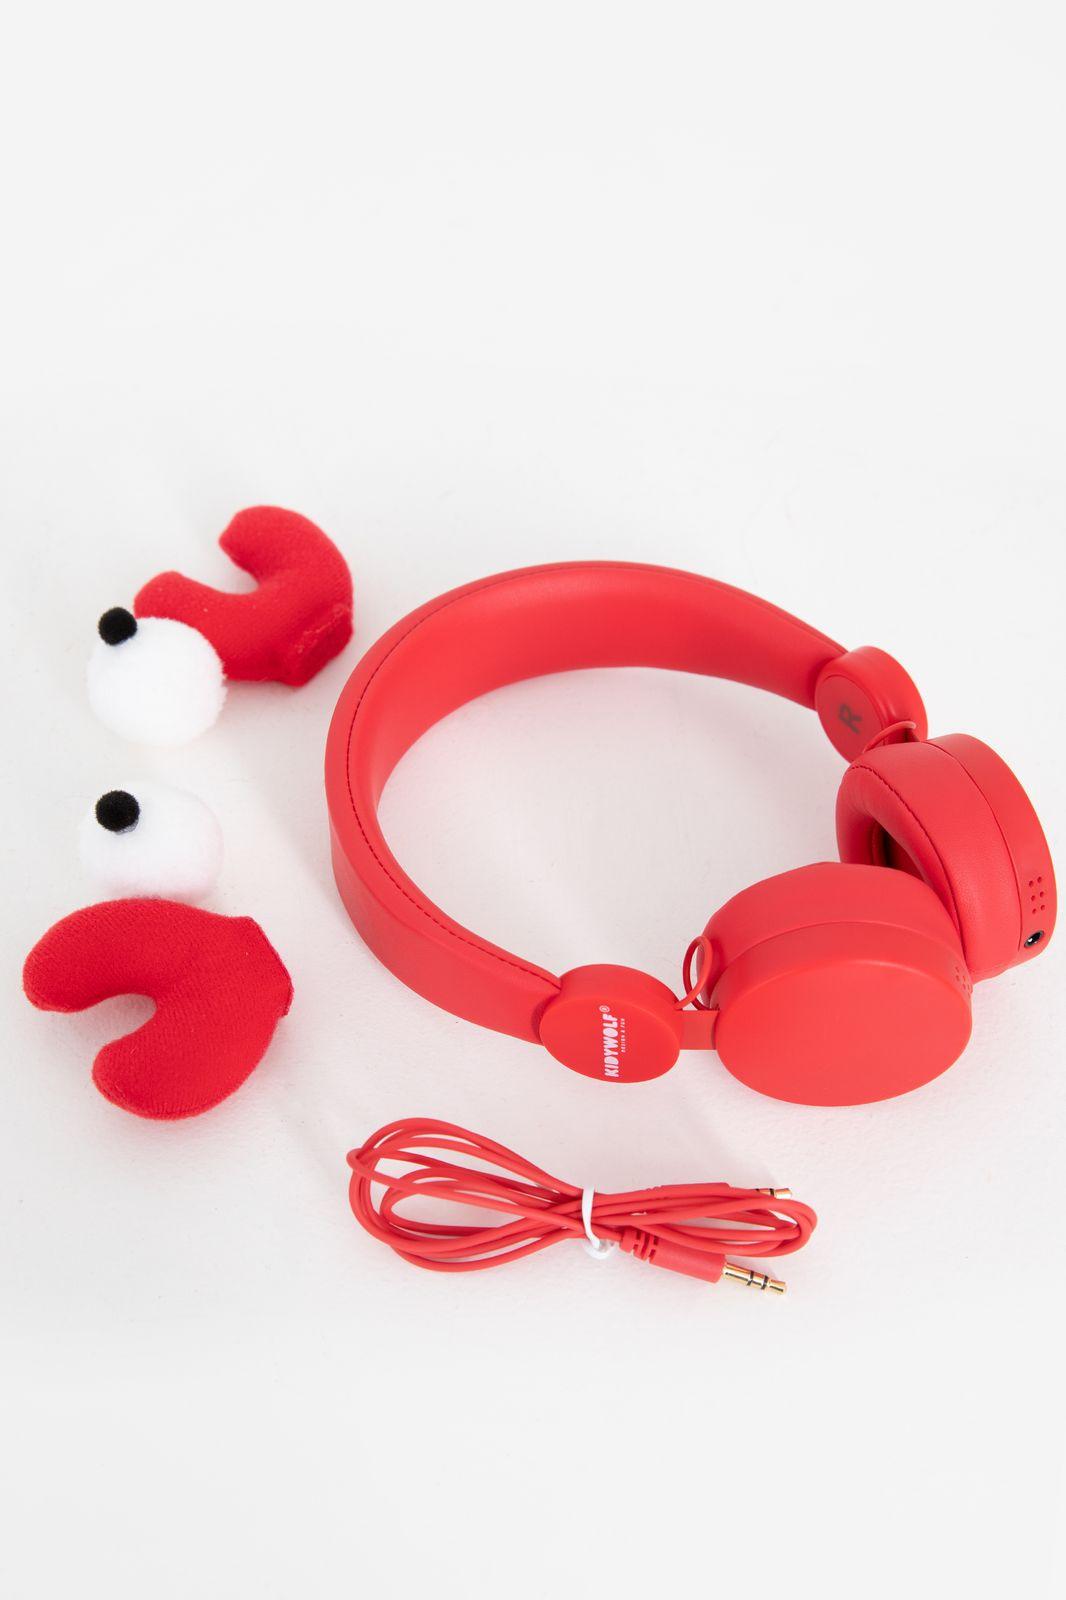 Koptelefoon krab - Homeland   Sissy-Boy